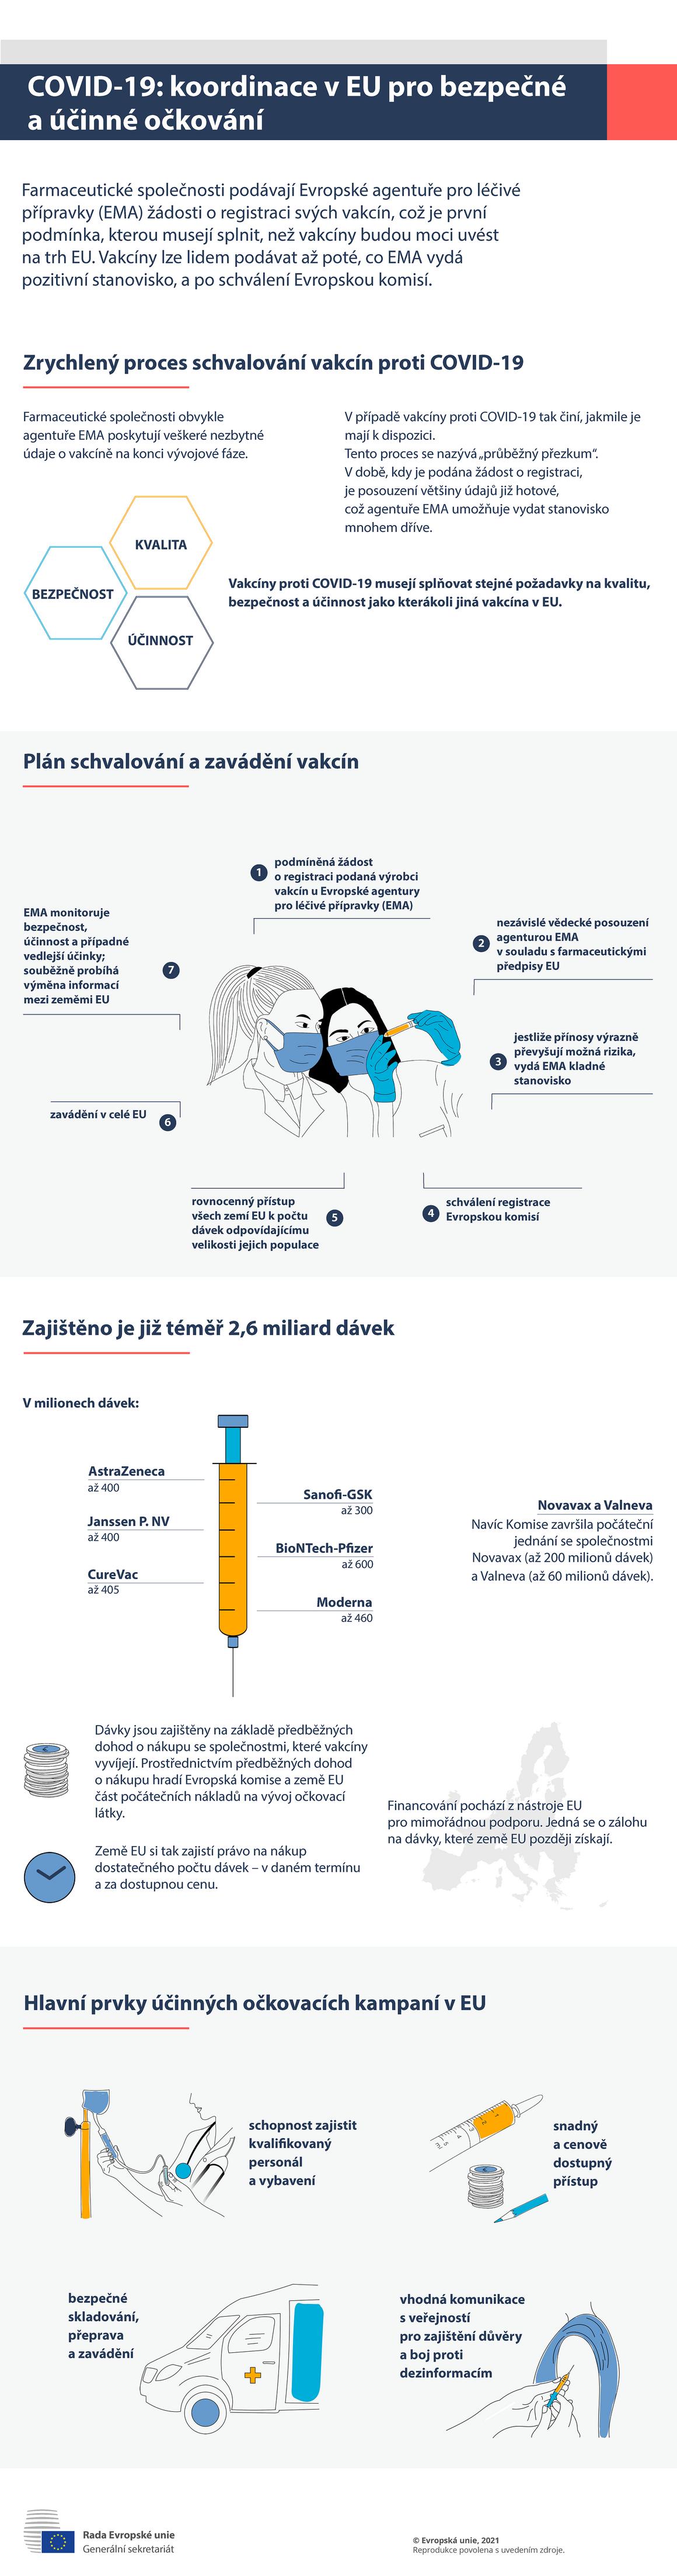 Infografika – COVID-19: koordinace vEU pro bezpečné a účinné očkování